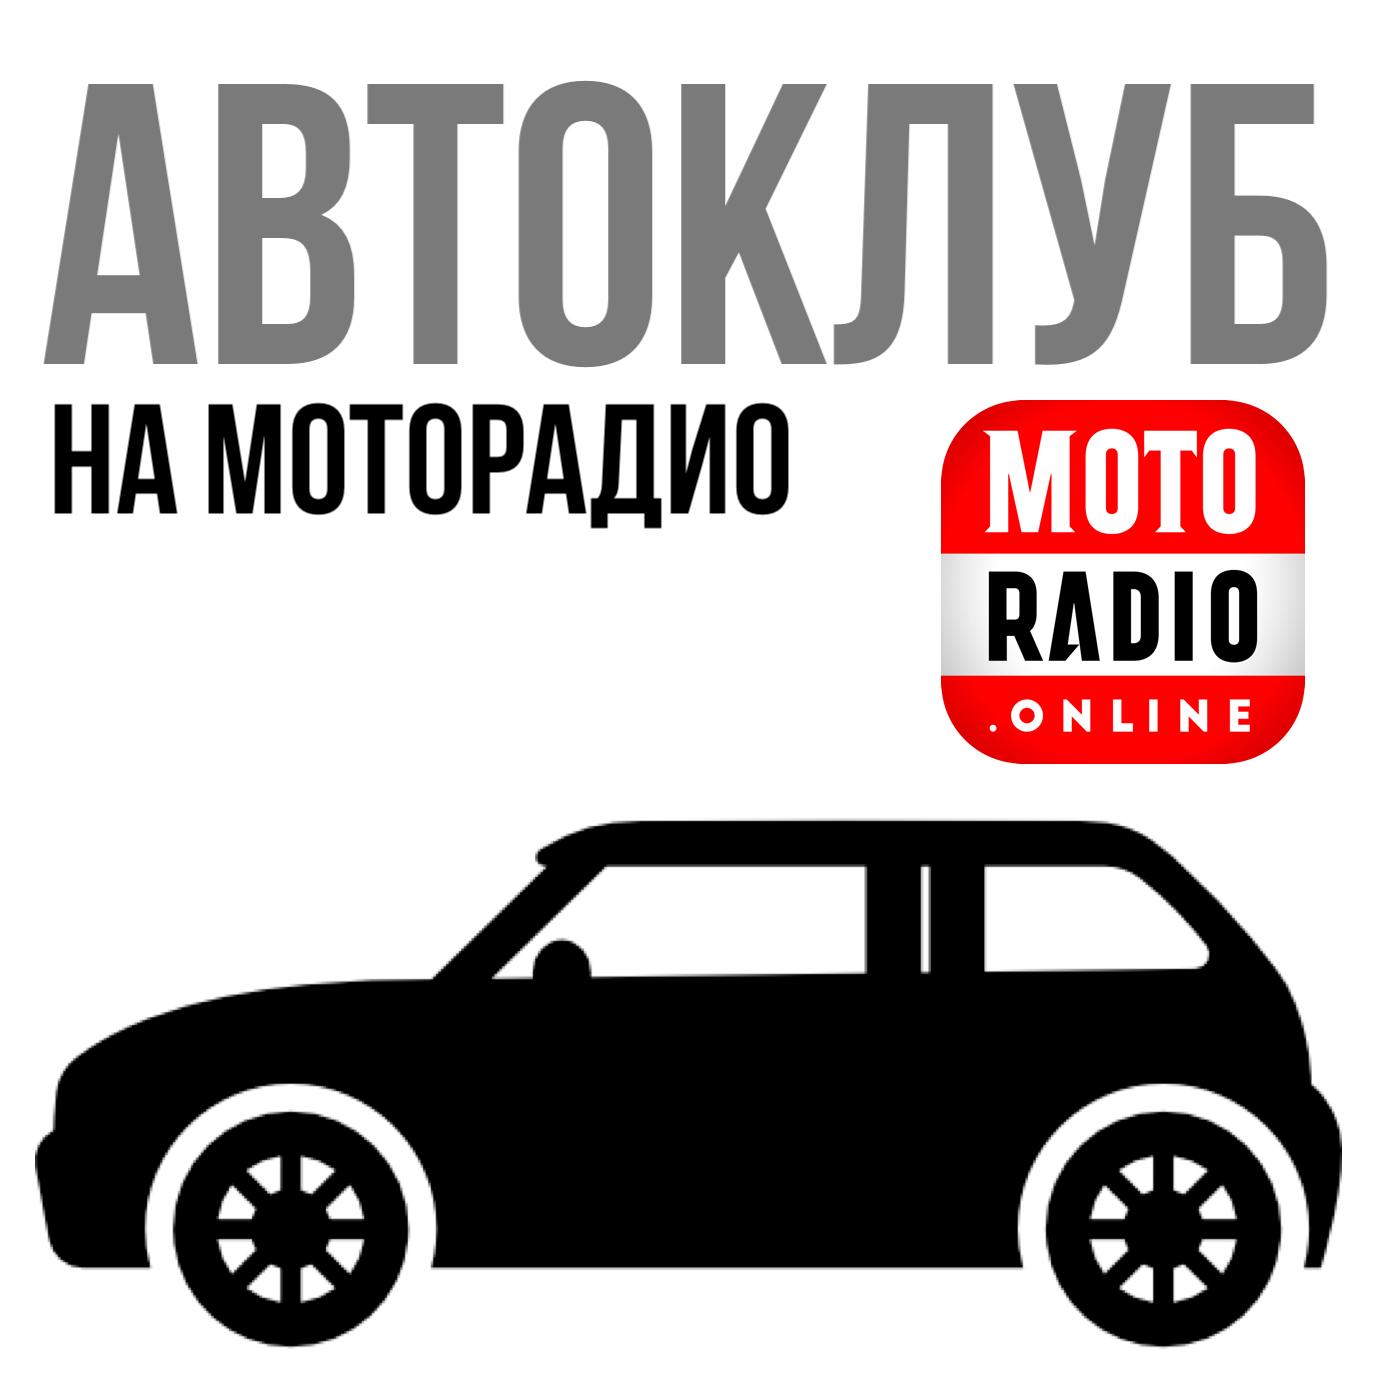 """Наглые иномарки на парковке для инвалидов - разбор ситуации в программе \""""Автоклуб\"""" с Татьяной Ермаковой."""